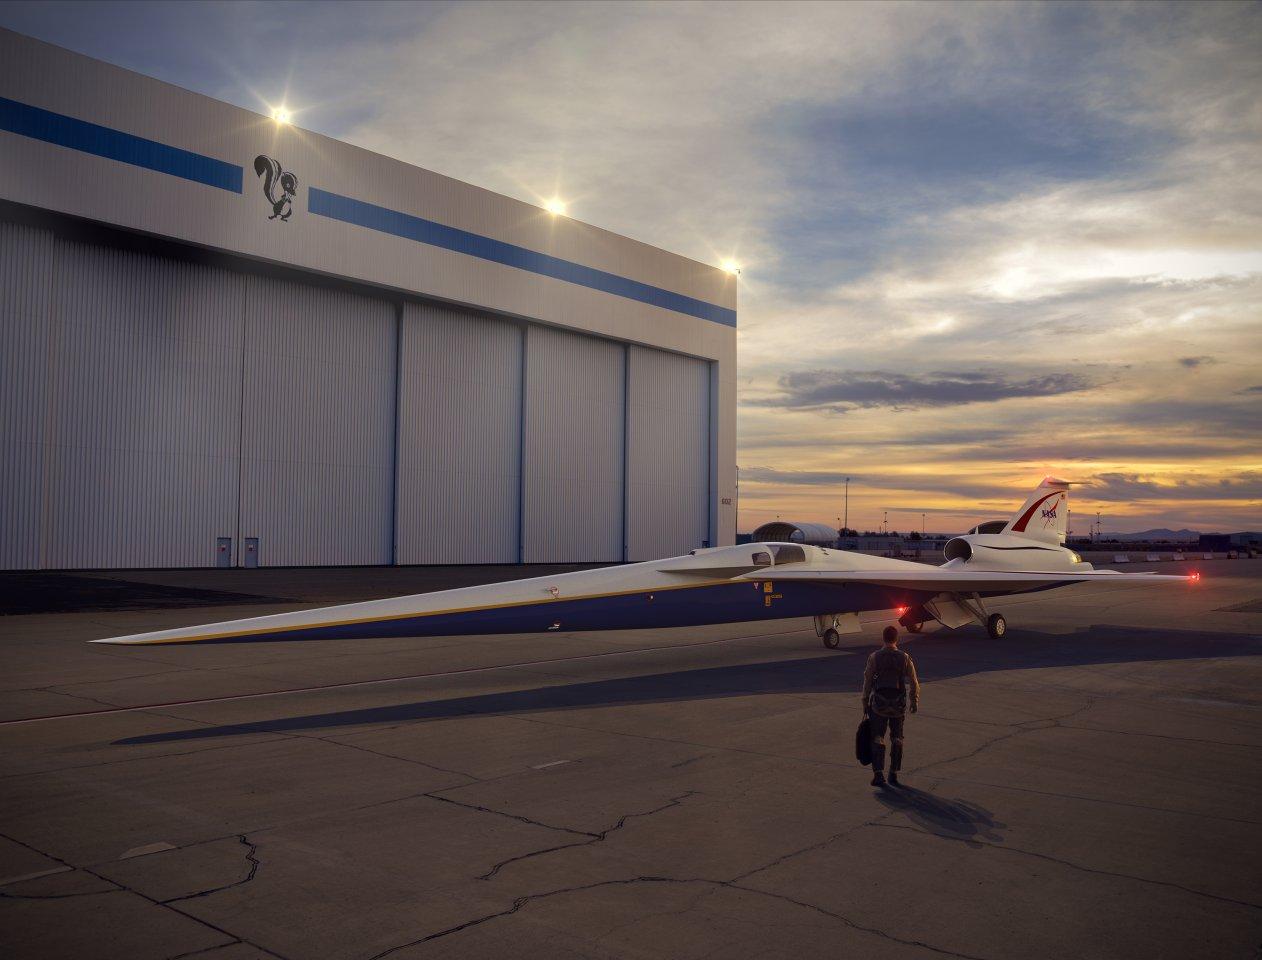 Resultat der Testreihe soll das X-59-Überschallexperimentalflugzeug der NASA werden.